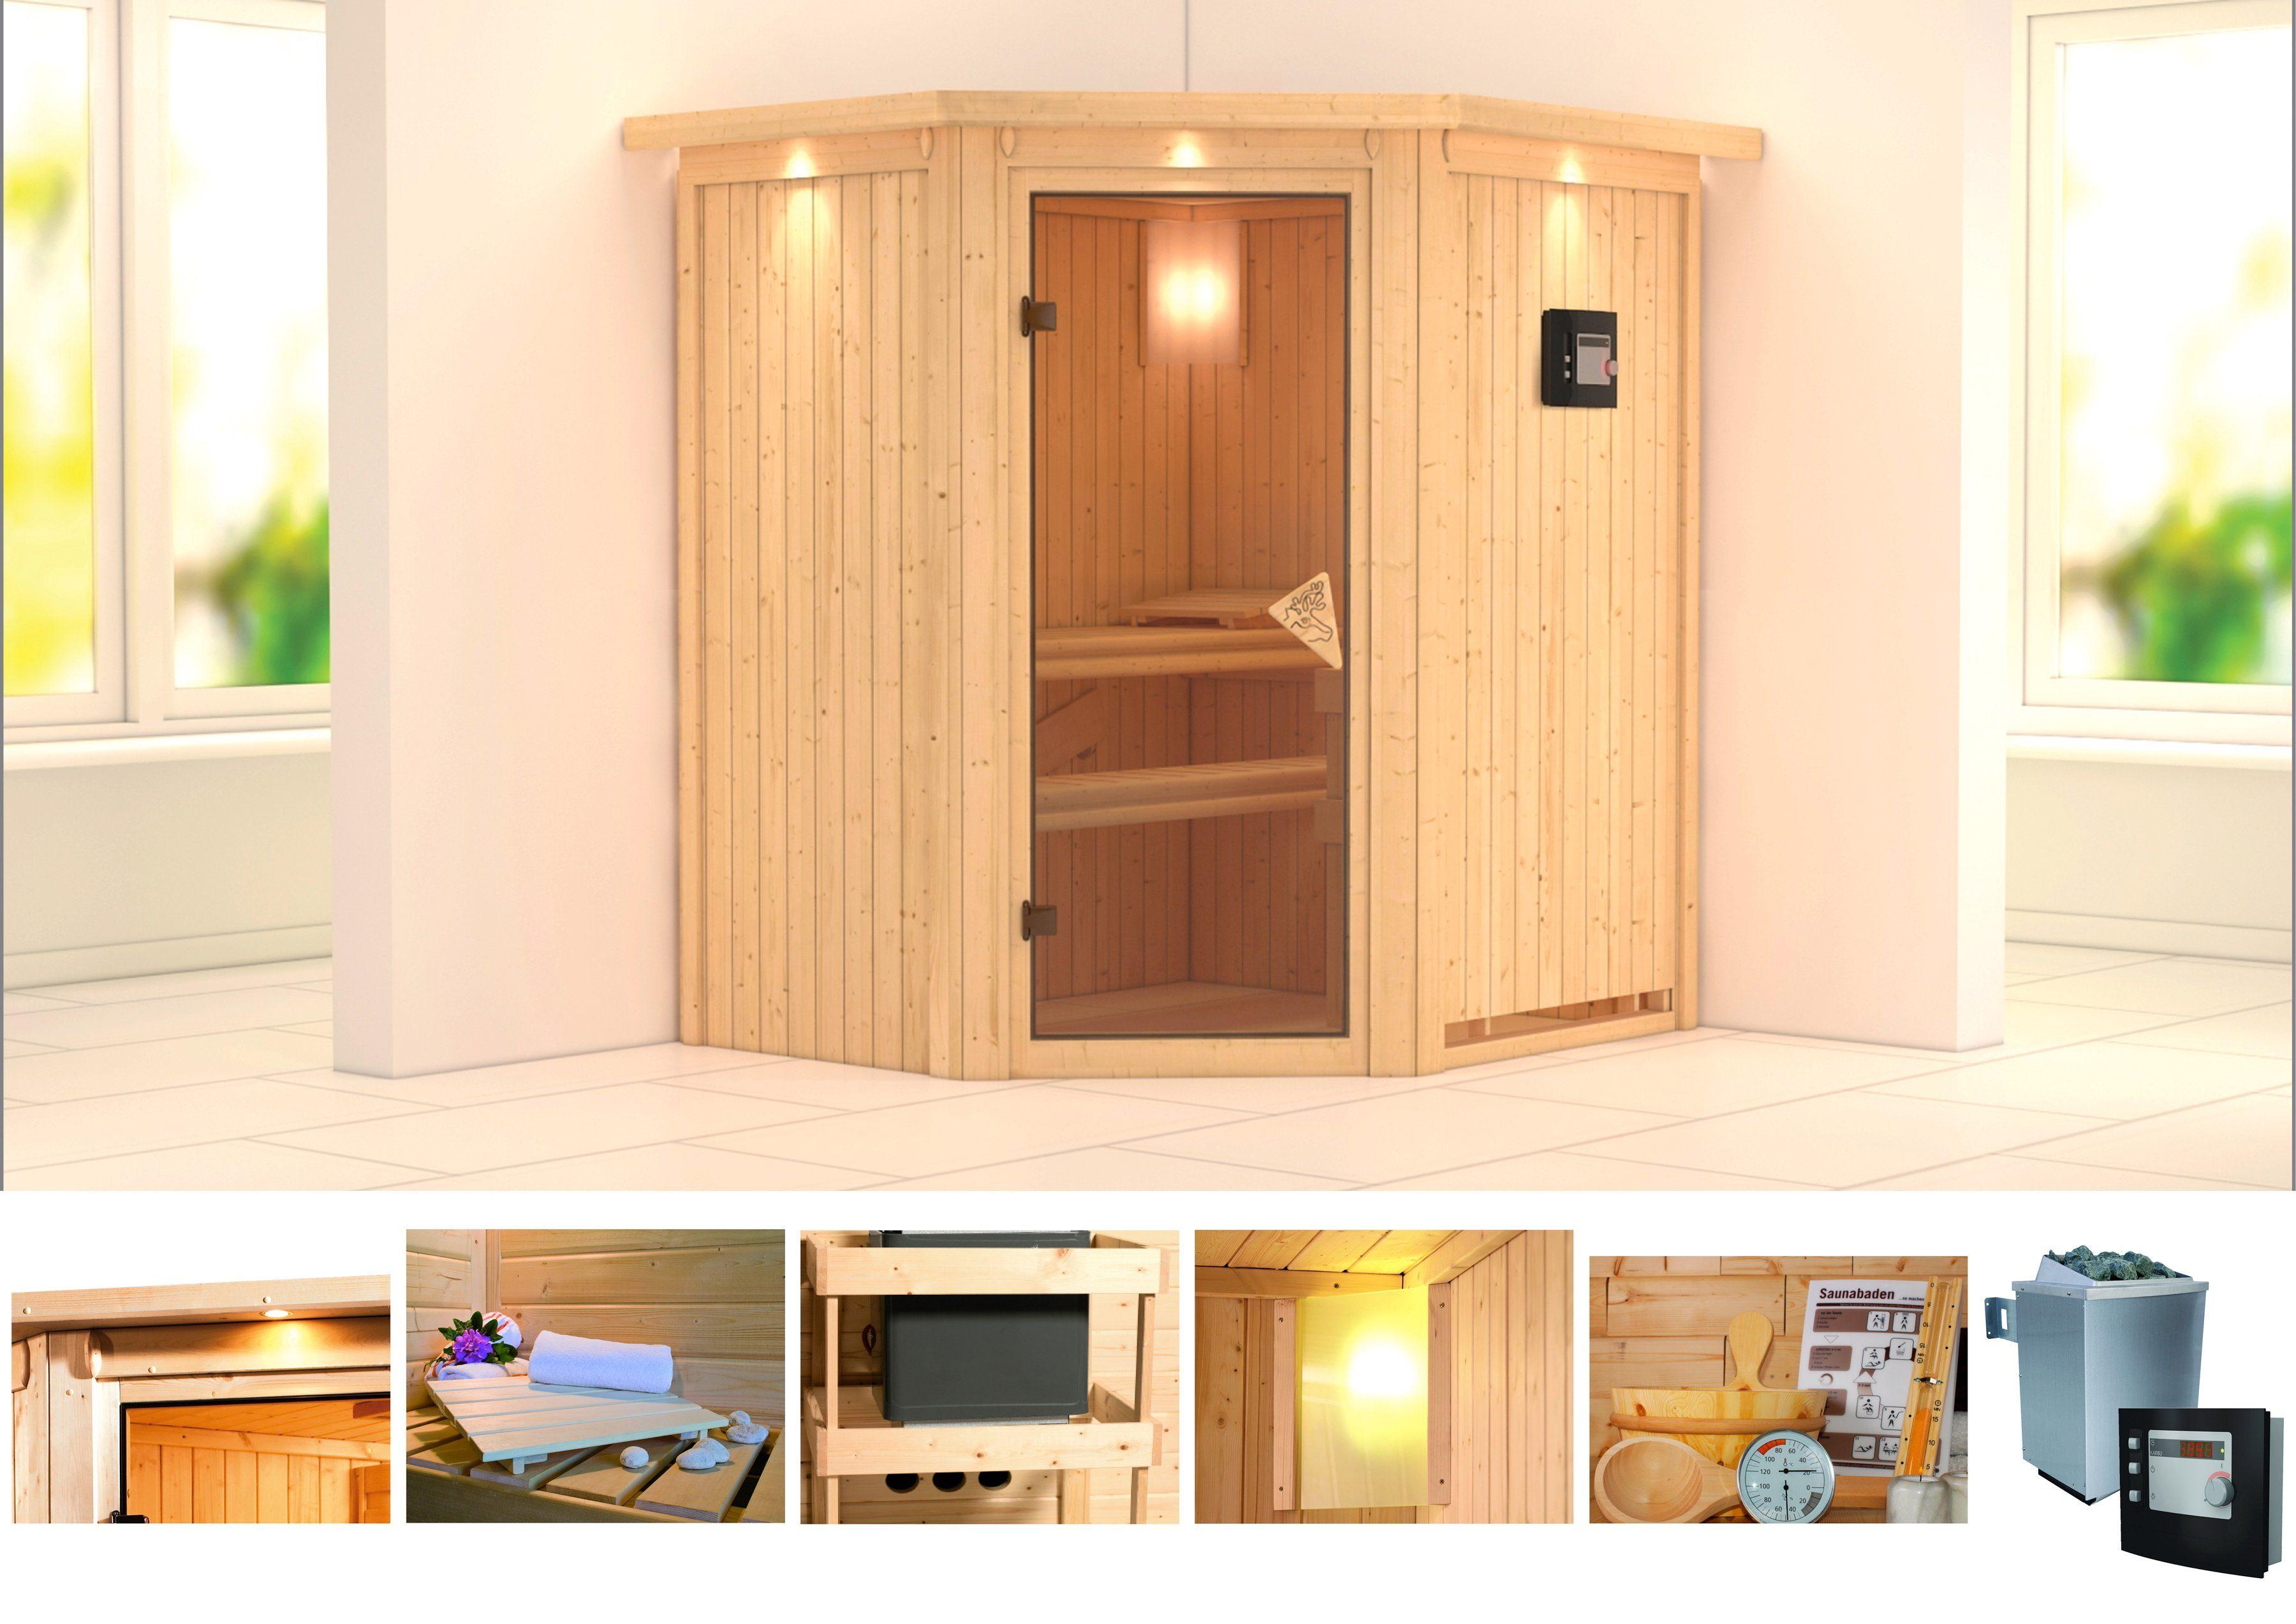 KONIFERA Sauna »Taurin«, 184/165/202 cm, 9-KW-Ofen mit ext. Steuerung